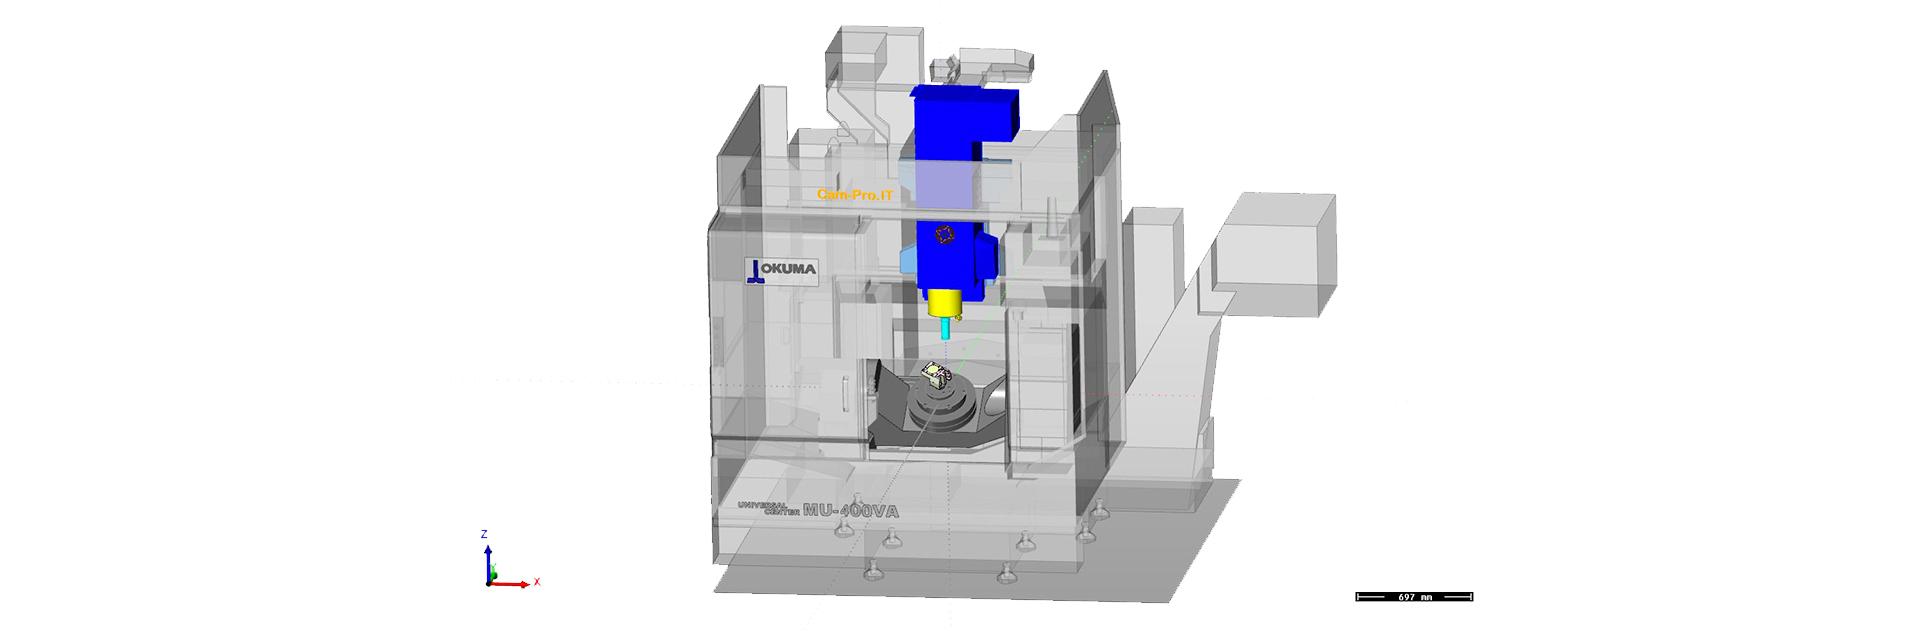 Nik system progettazione attrezzature cad 3d e for Programmi progettazione 3d